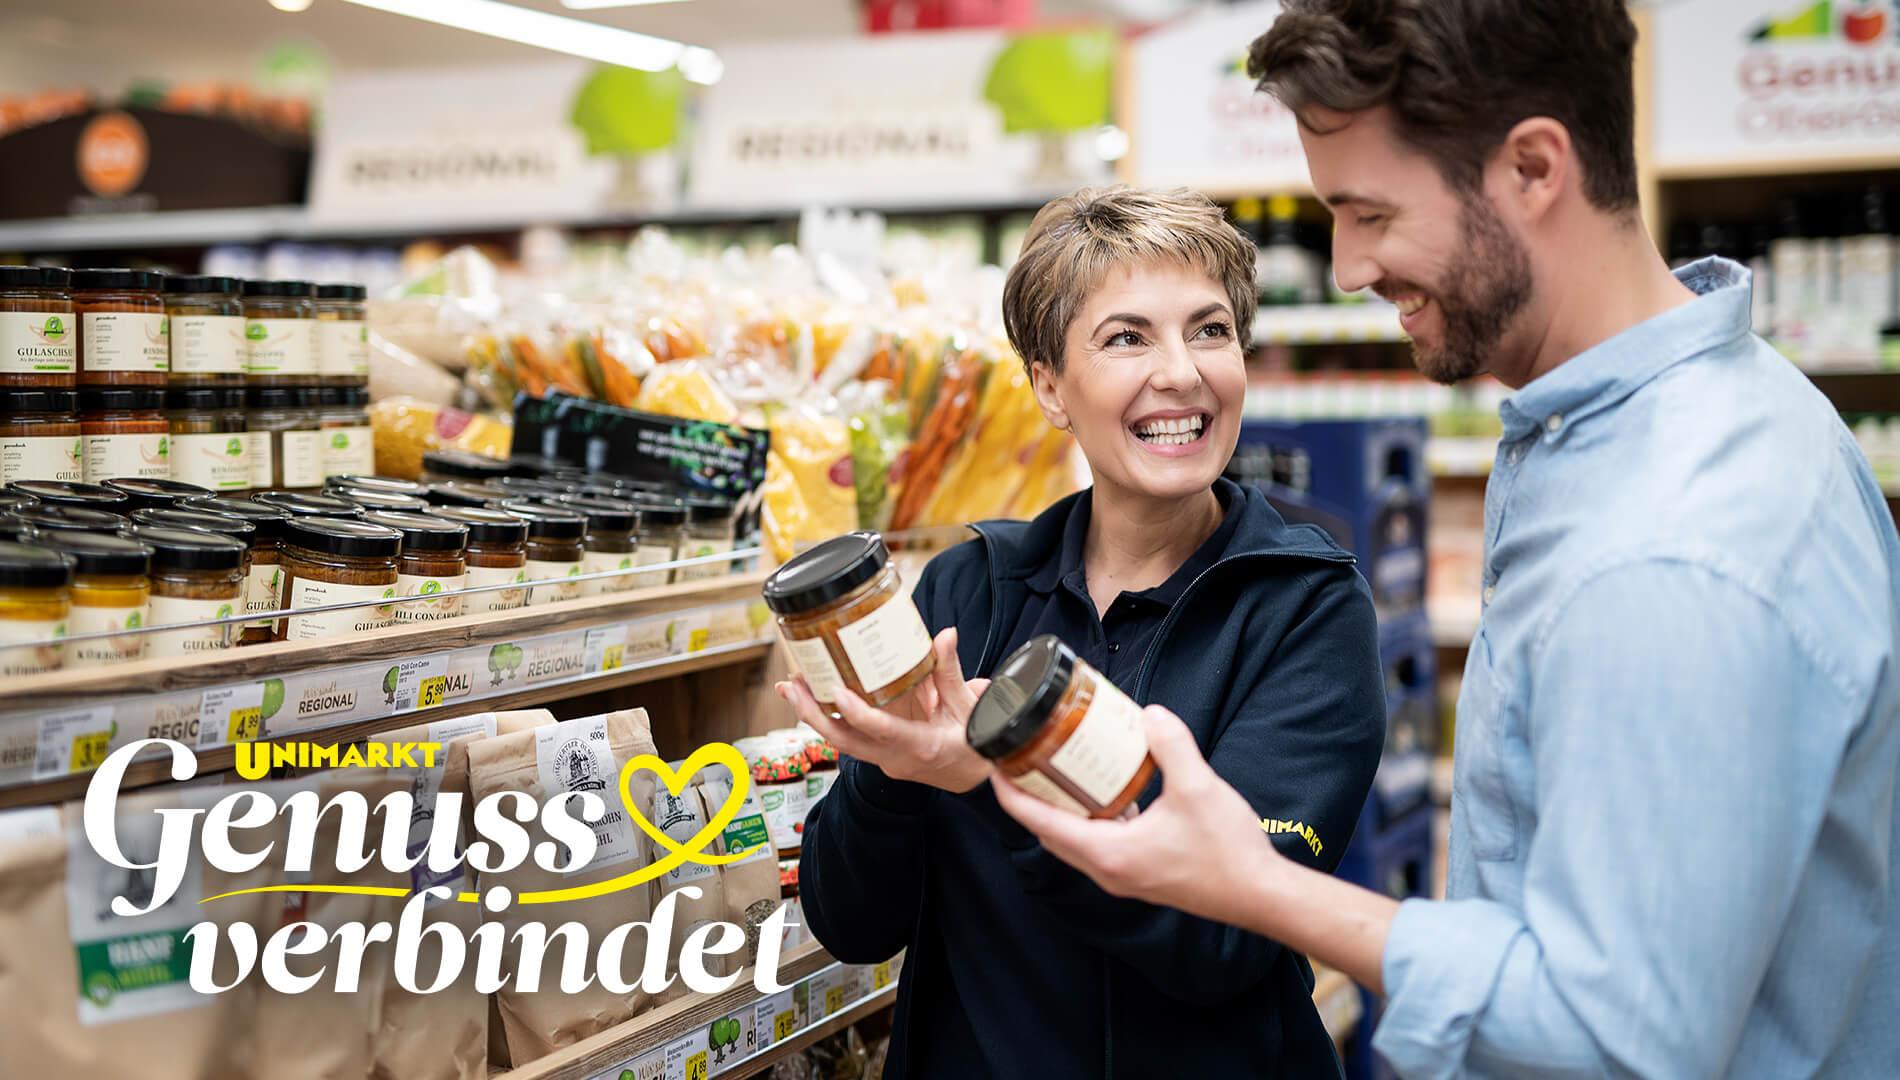 Unimarkt-bild-quer-genussverbindet2